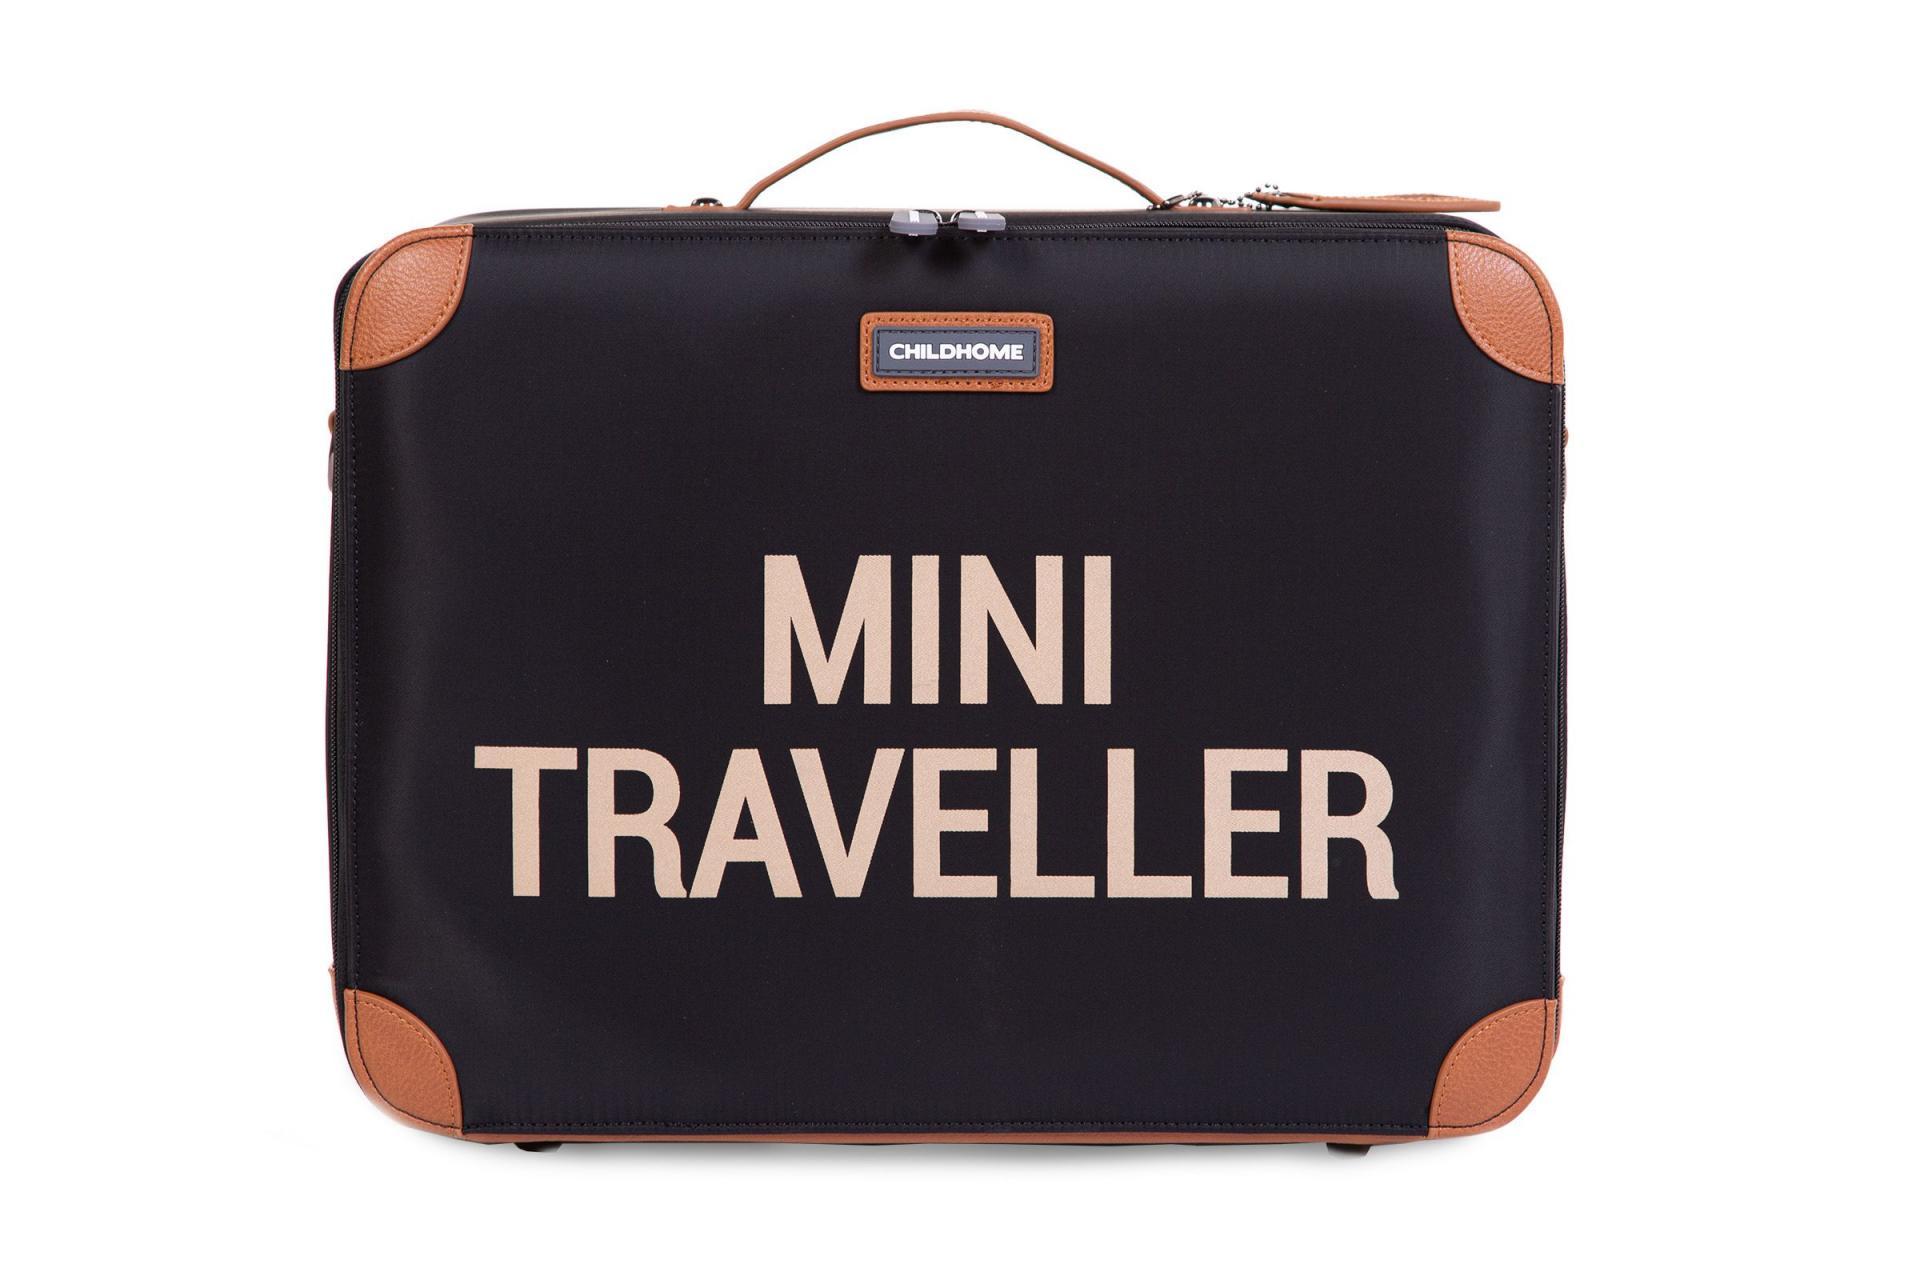 Mini traveller maleta negra